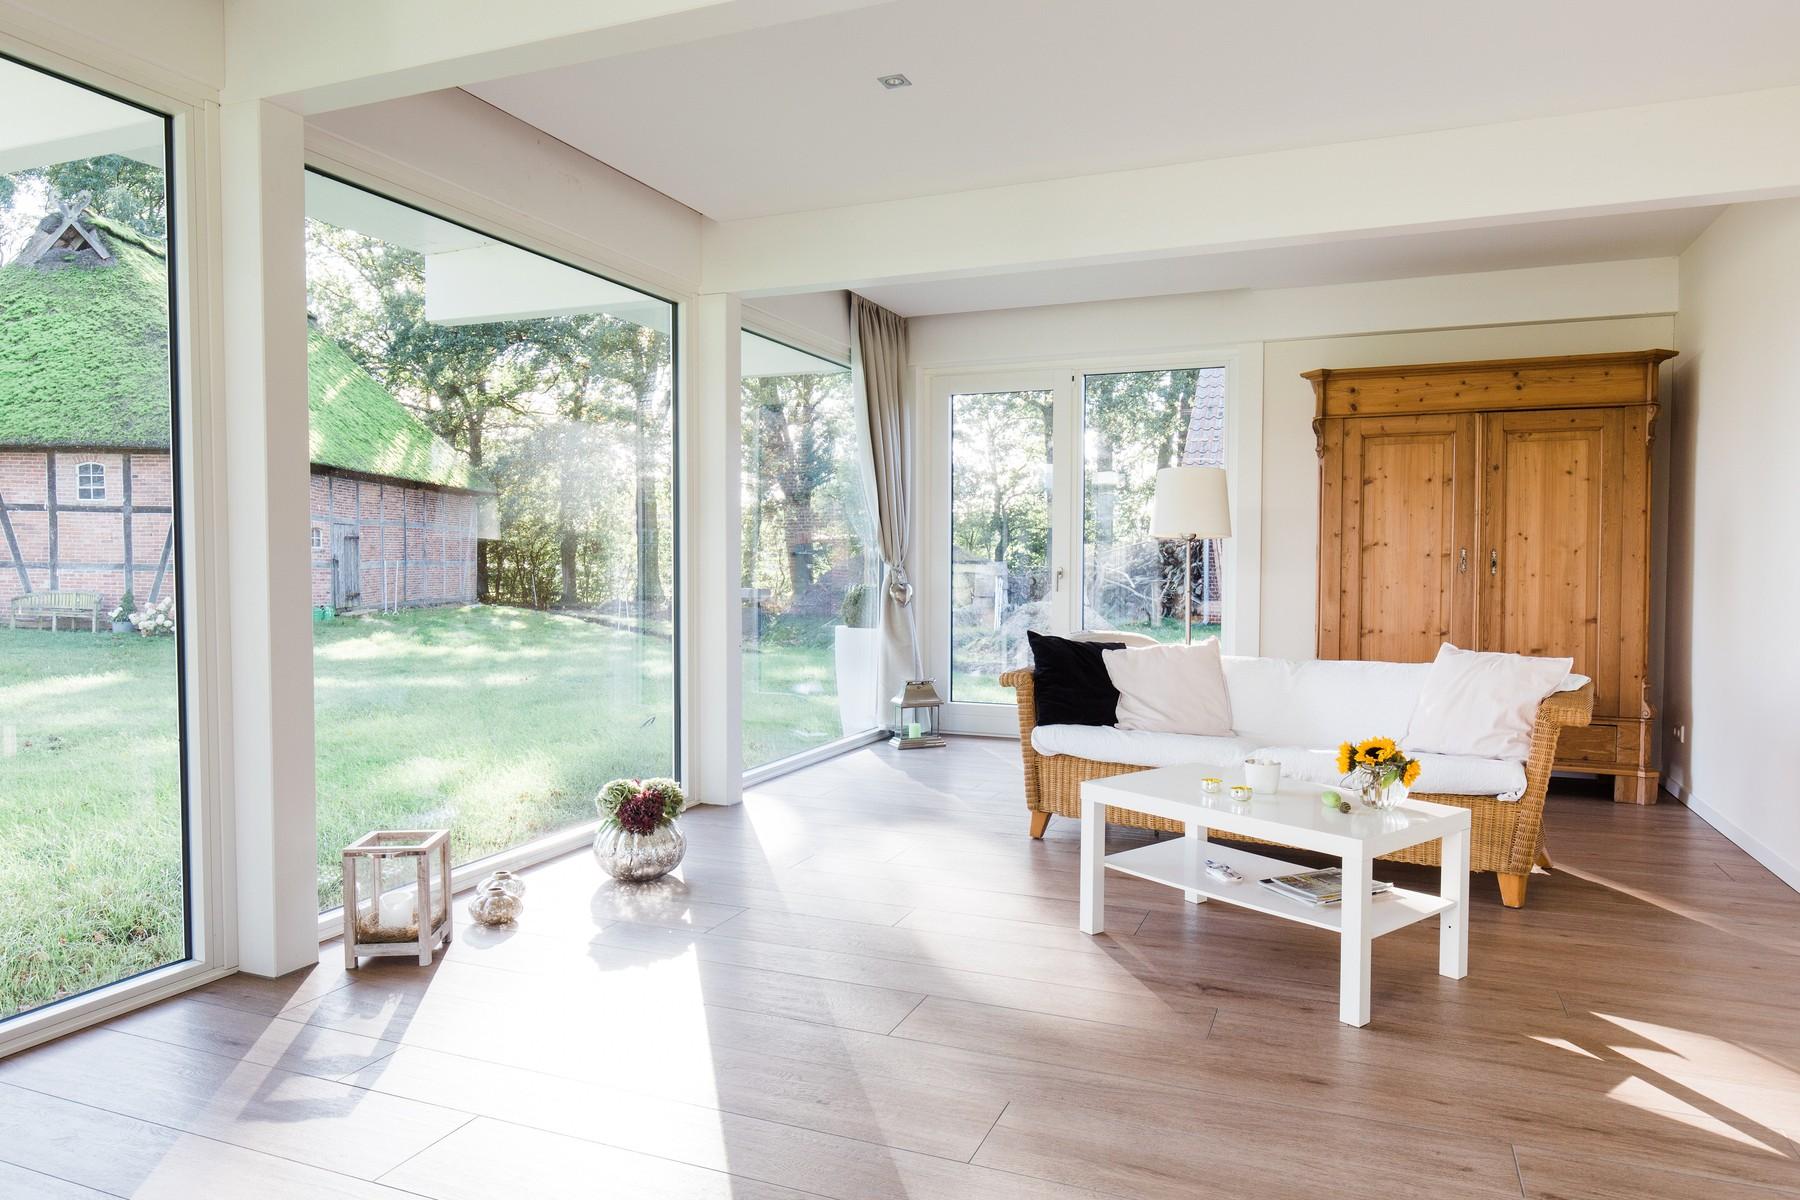 modernes fachwerkhaus landhaus fachwerk holz glas weiss 21 concentus moderne fachwerkh user. Black Bedroom Furniture Sets. Home Design Ideas